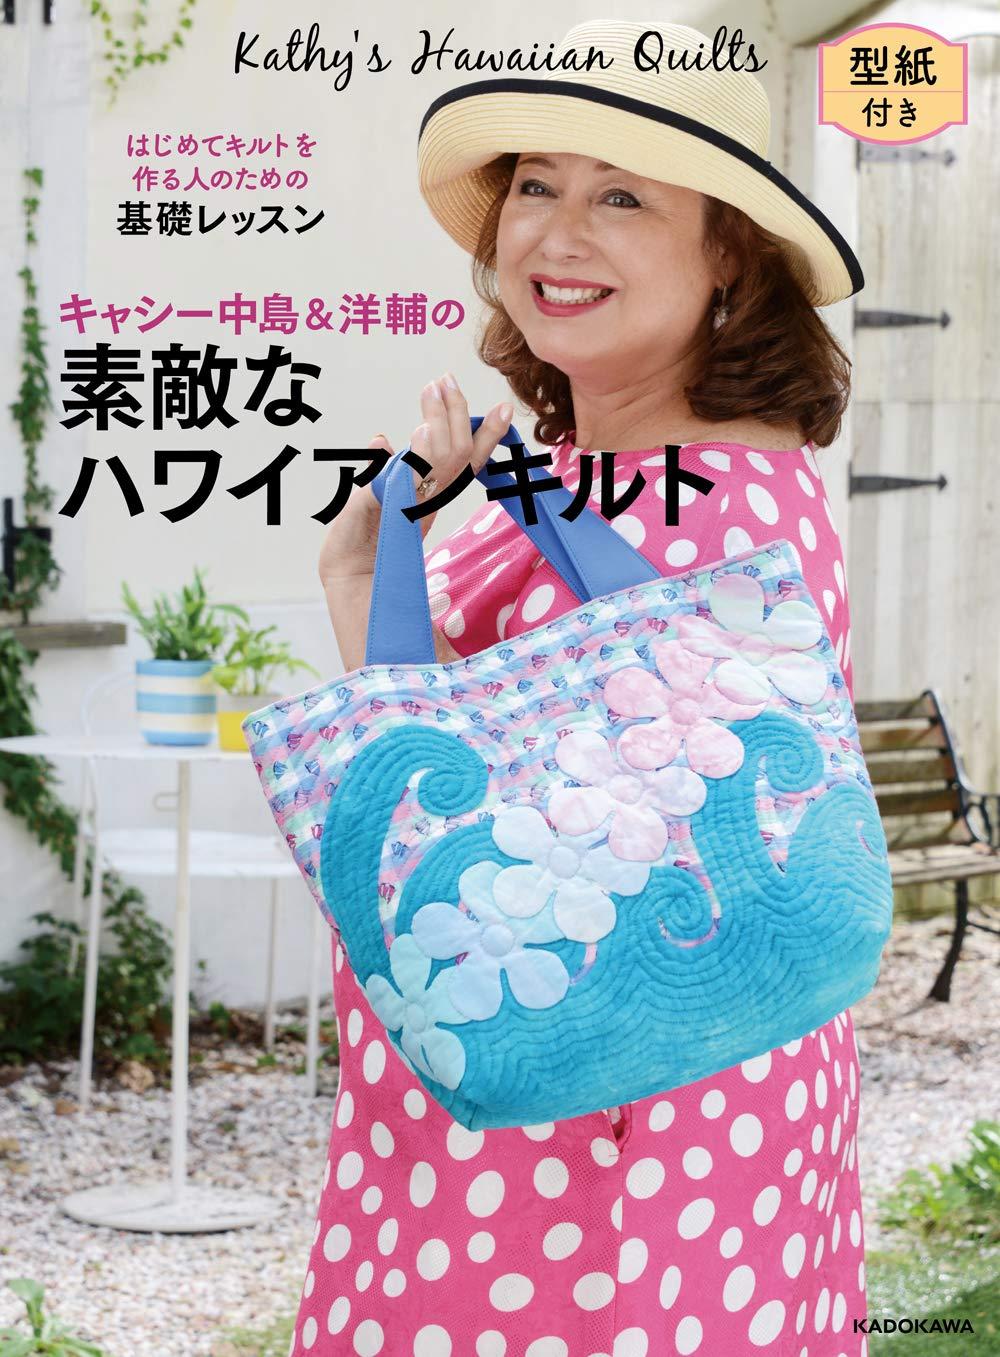 Kathy Nakajima & Yosuke lovely Hawaiian quilt